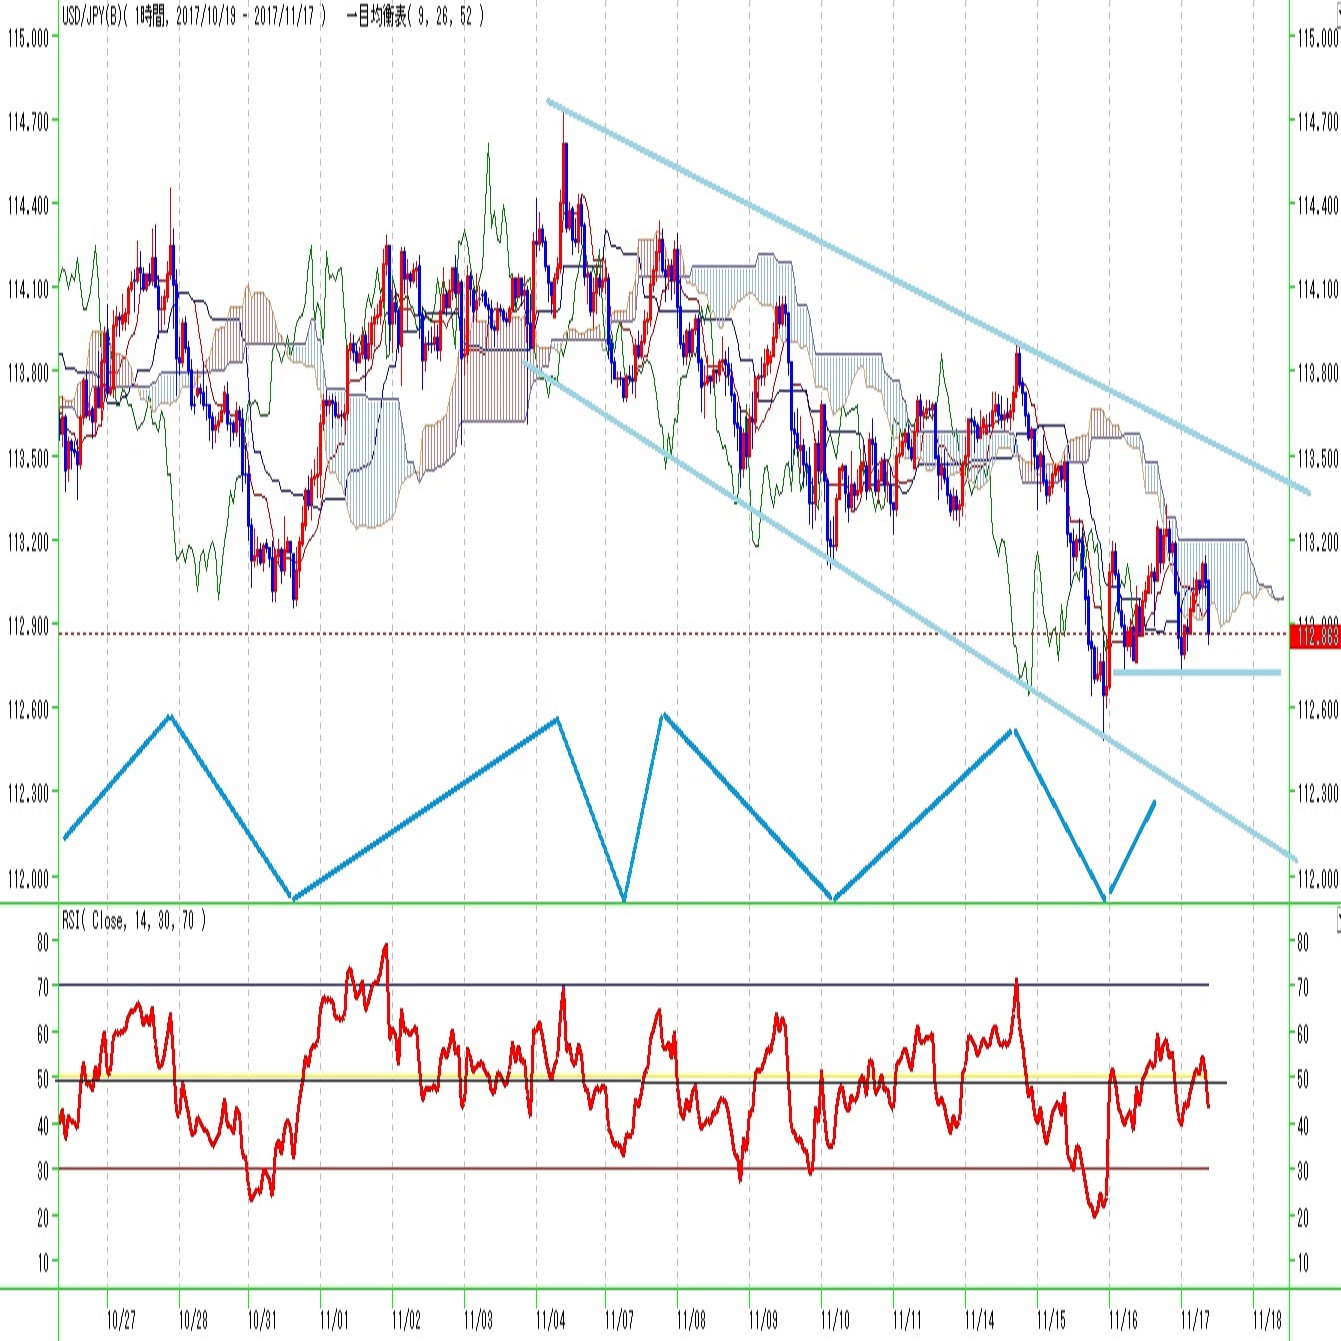 ドル円見通し 26日移動平均割れの状況継続(11/17)